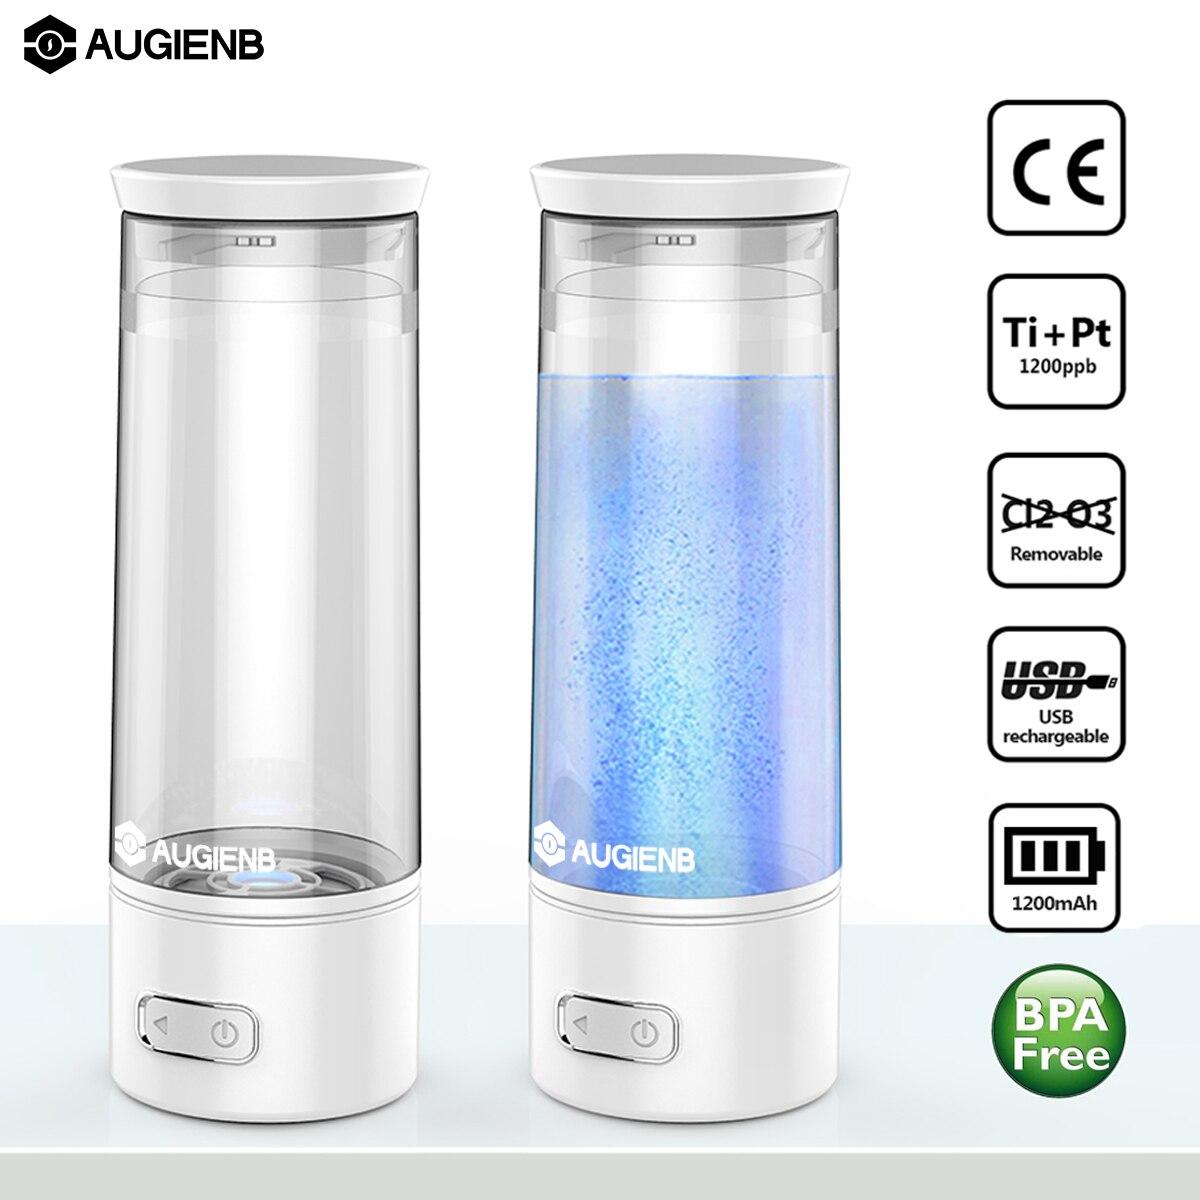 Augienb USB перезаряжаемые Anti Aging портативный водорода богатые бутылка для воды ионизатор здоровый электролит генератор отрицательных ионов